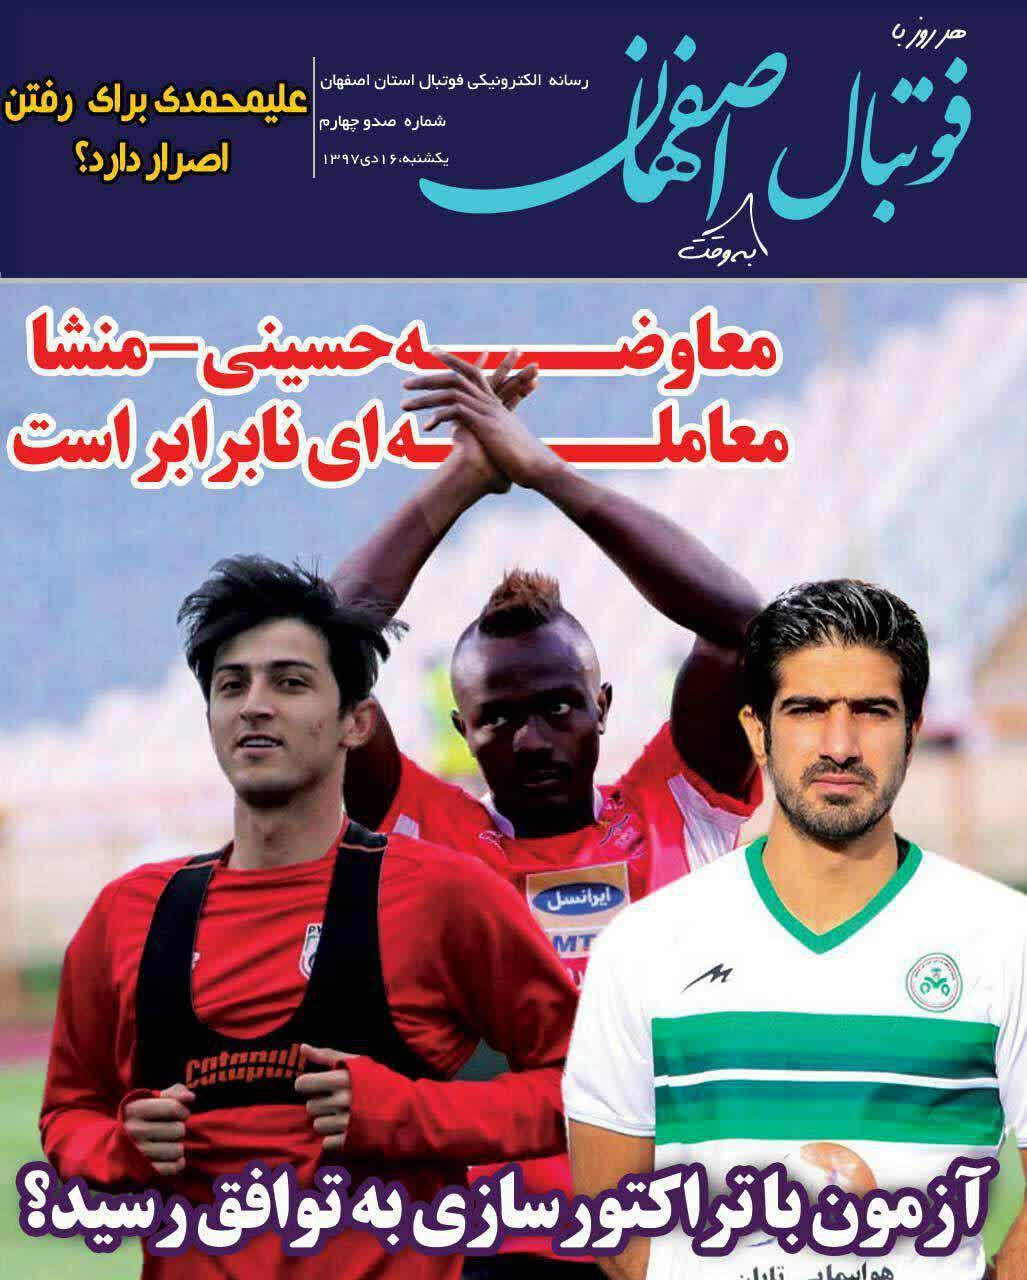 عناوین روزنامههای ورزشی ۱۶ دی ۹۷/ جام کهن +تصاویر